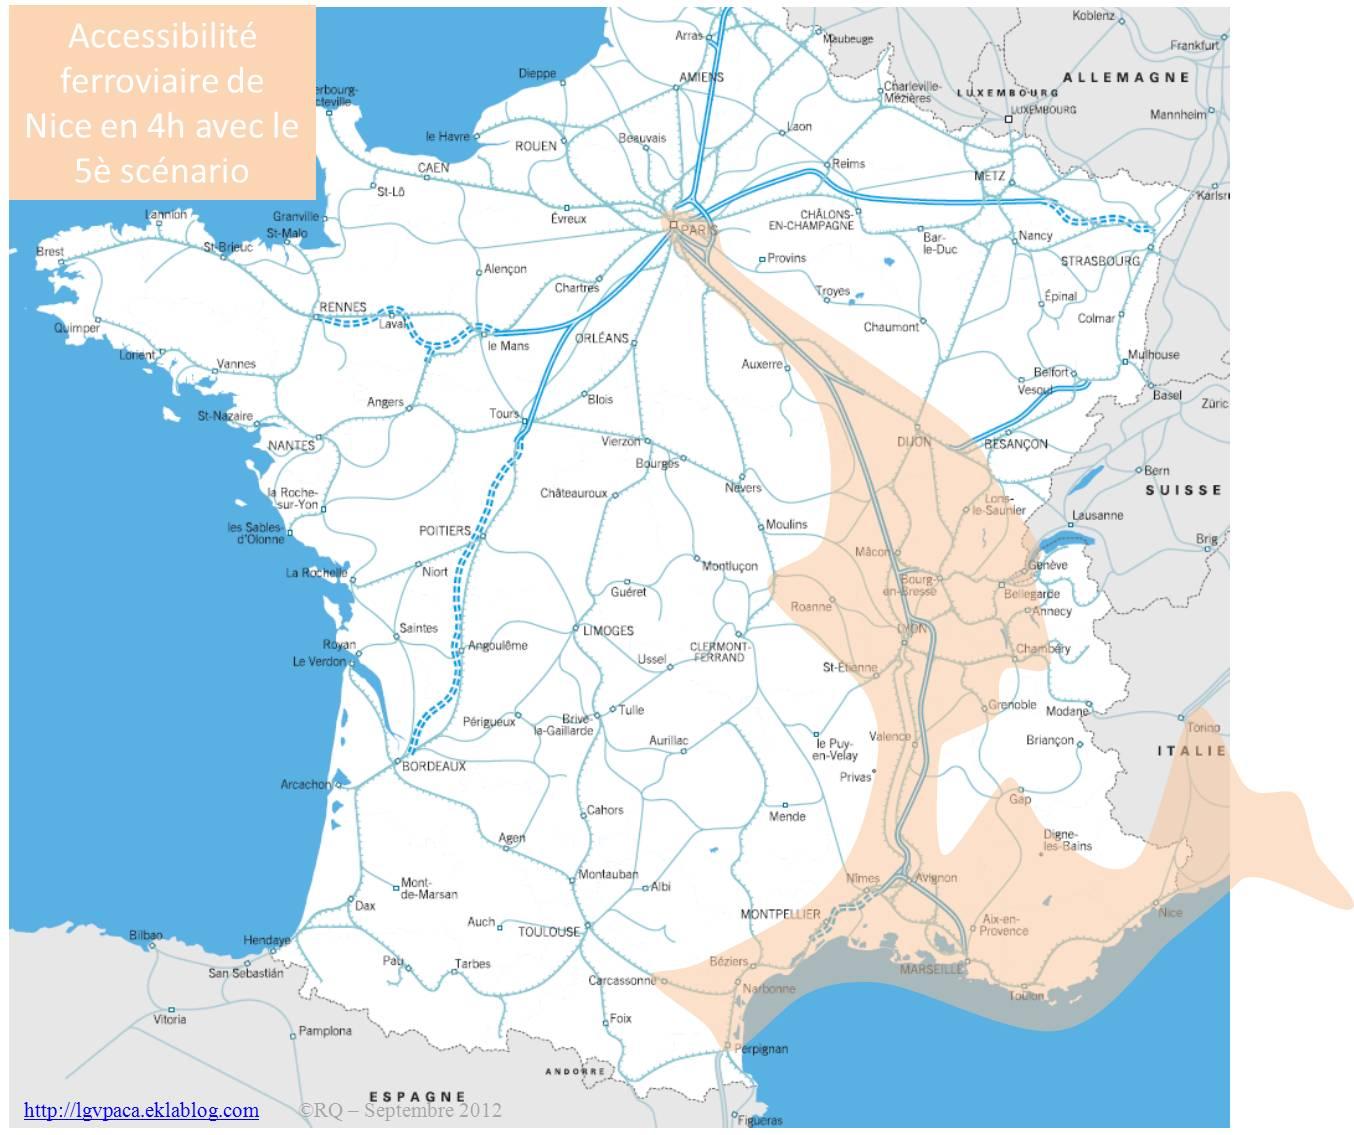 Accessibilité ferroviaire de Nice dans le 5ème scénario